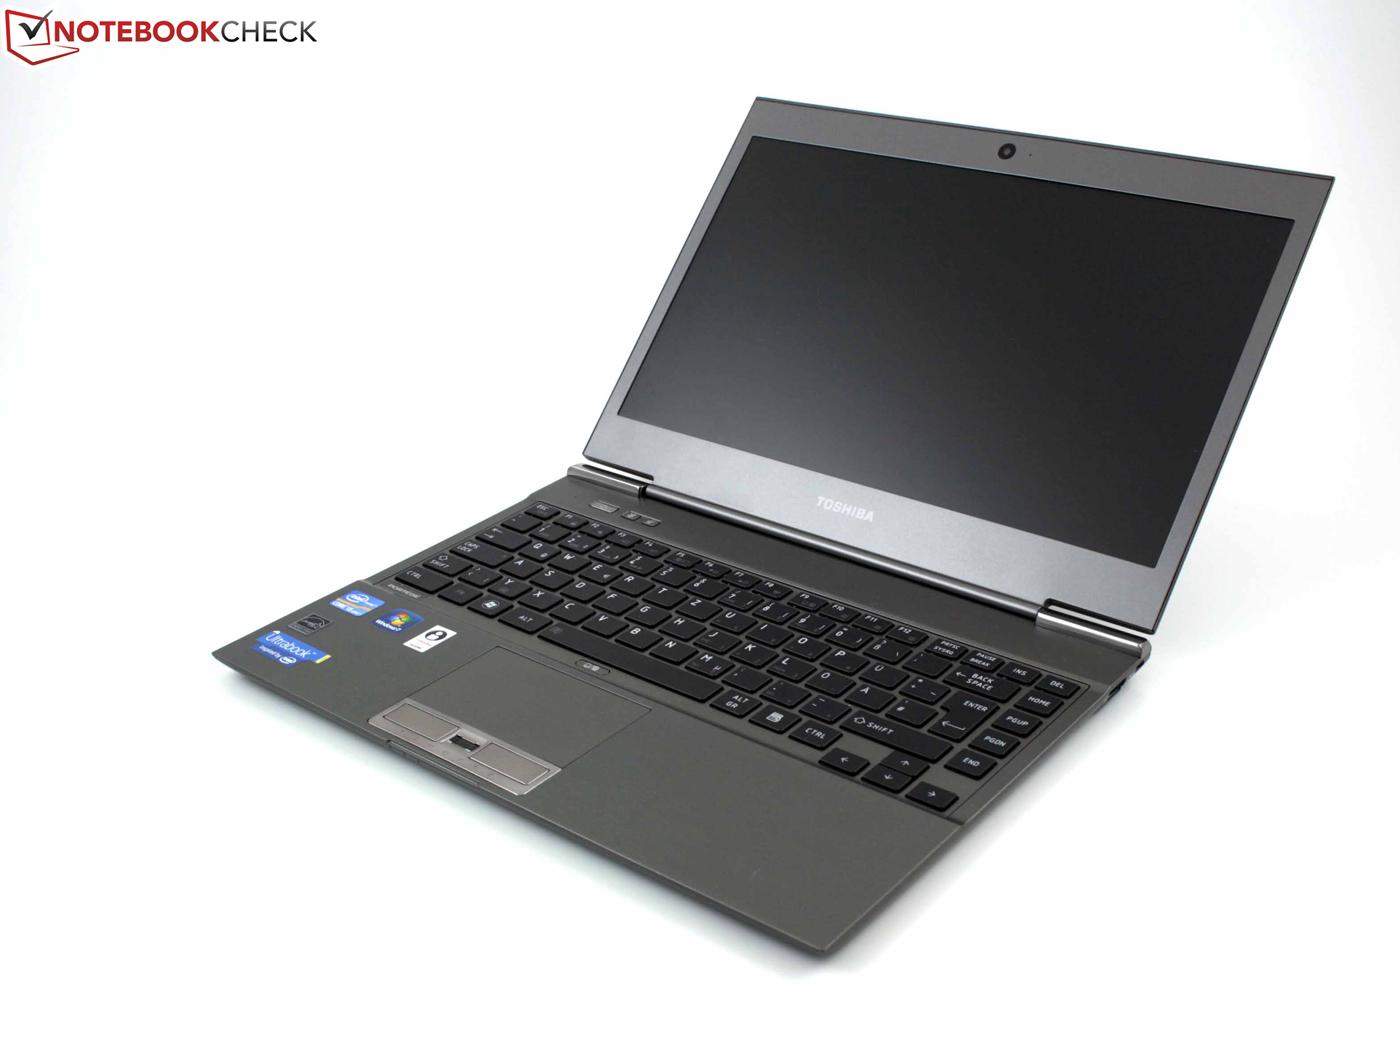 Danh Gia Toshiba Portege Z930 Sieu Mong Nhe Thiet Ke Cao Cap